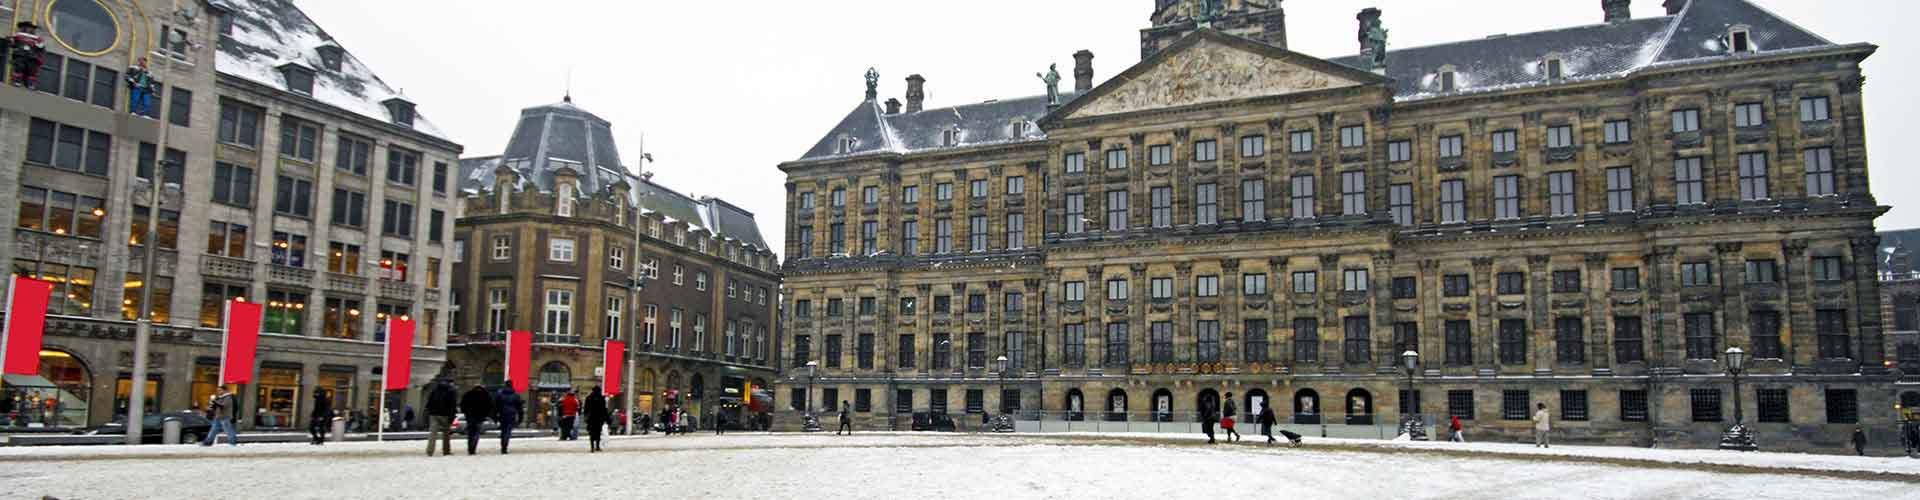 Amsterdam - Appartements près de Palais Royal. Cartes pour Amsterdam, photos et commentaires pour chaque appartement à Amsterdam.